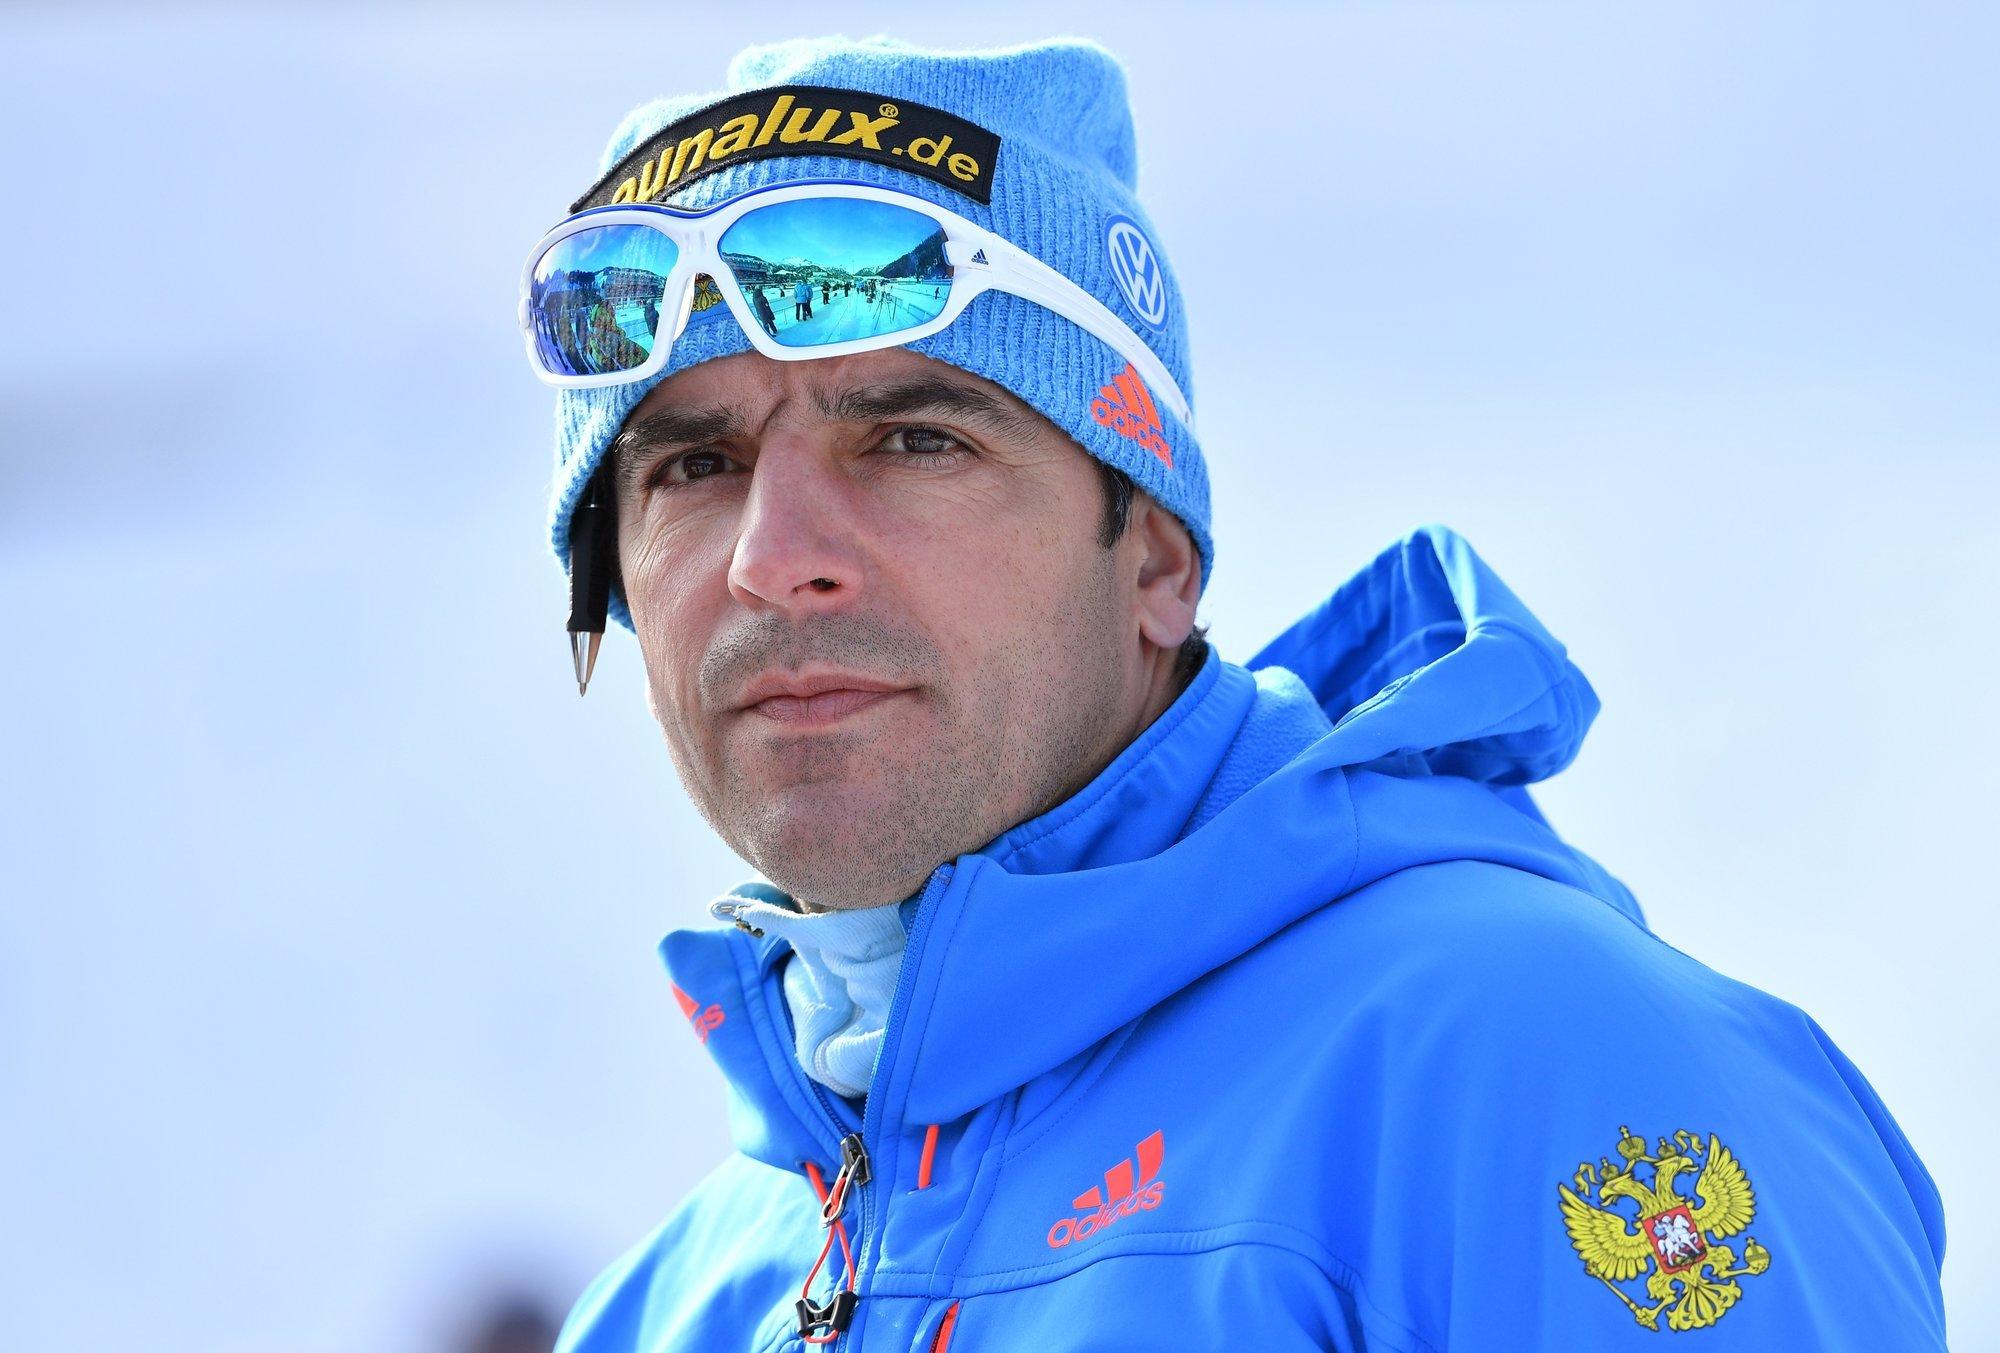 Рикко Гросс официально возглавил мужскую сборную Австрии